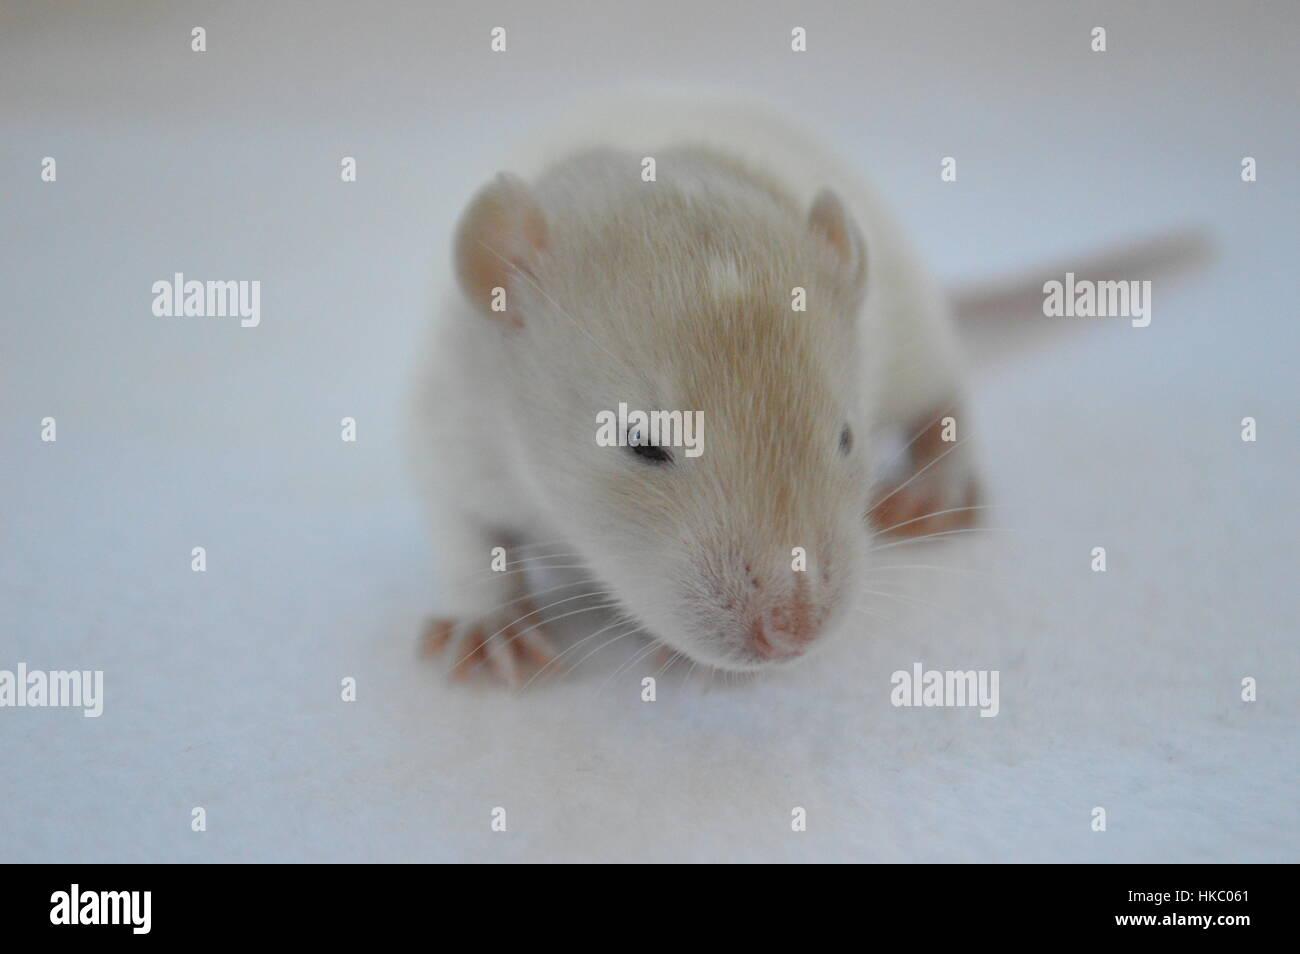 Ratto neonato su sfondo bianco Immagini Stock